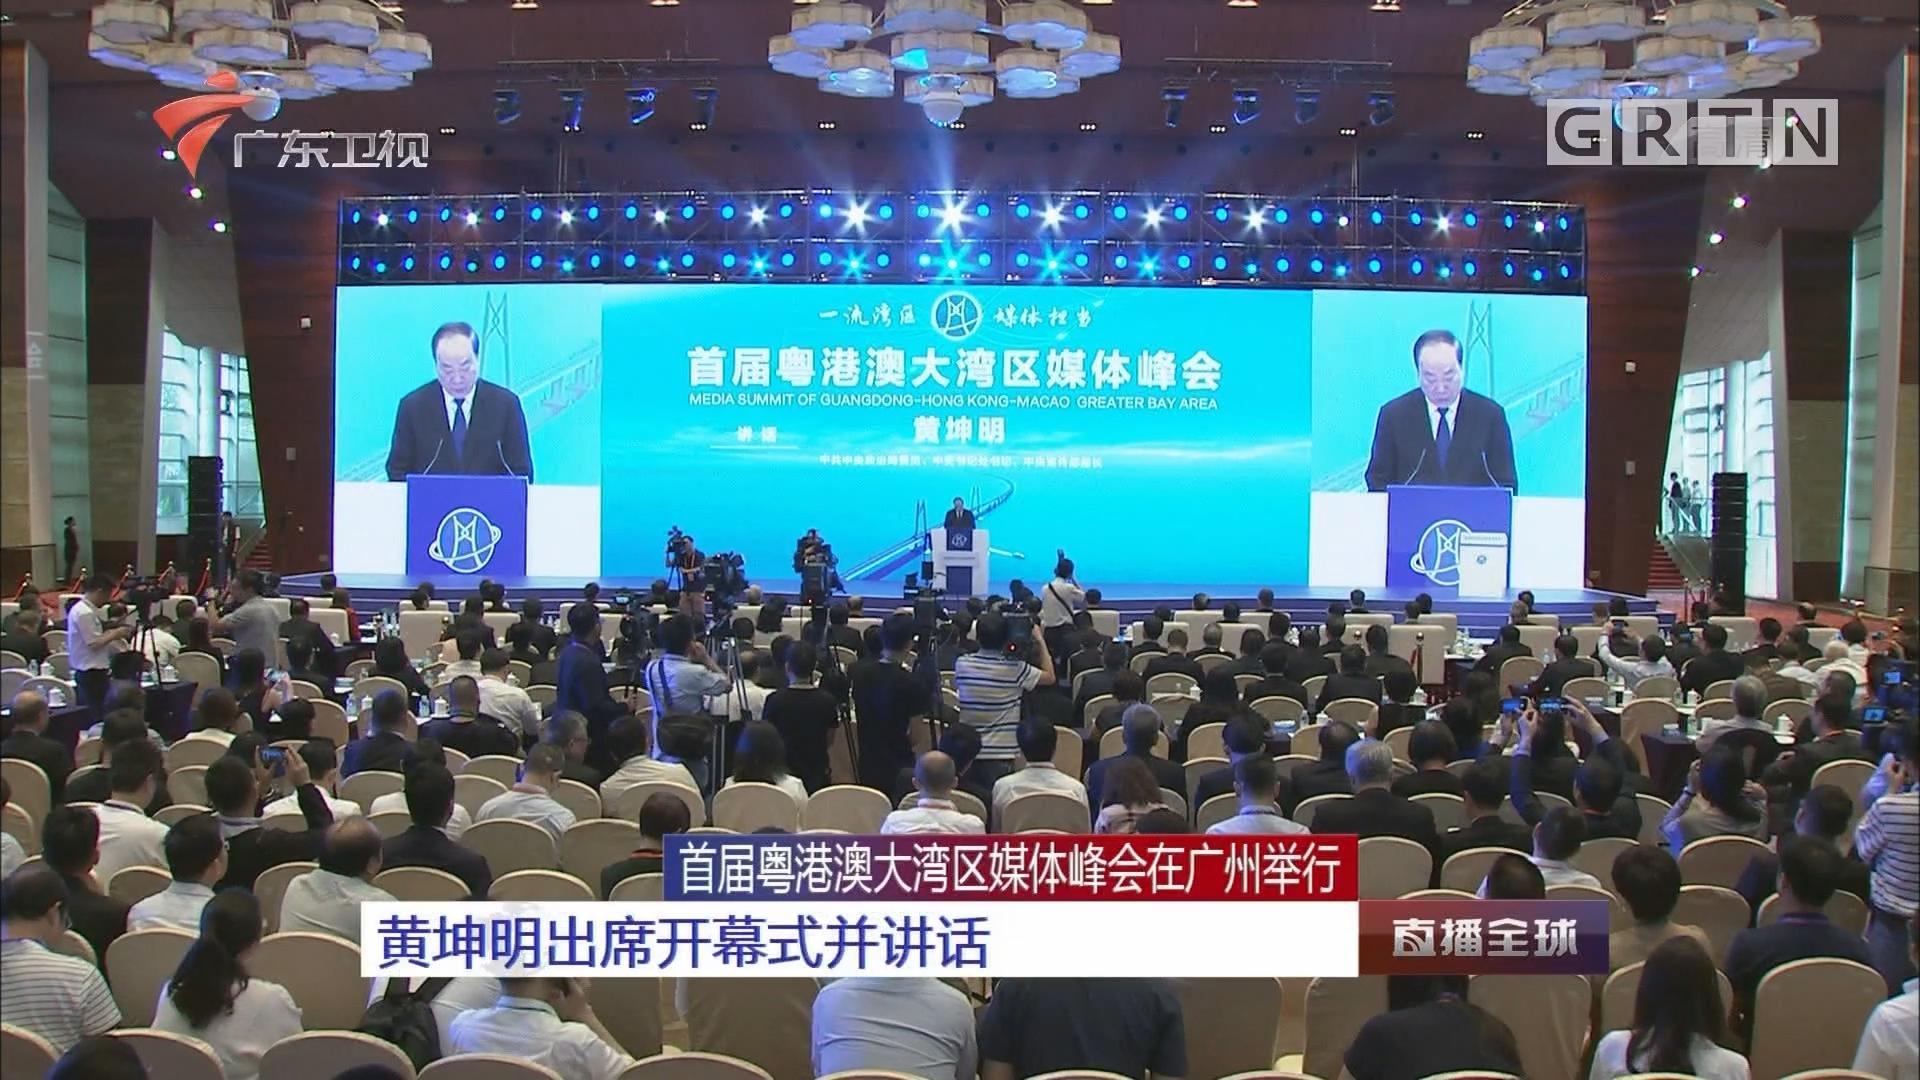 首届粤港澳大湾区媒体峰会在广州举行:黄坤明出席开幕式并讲话